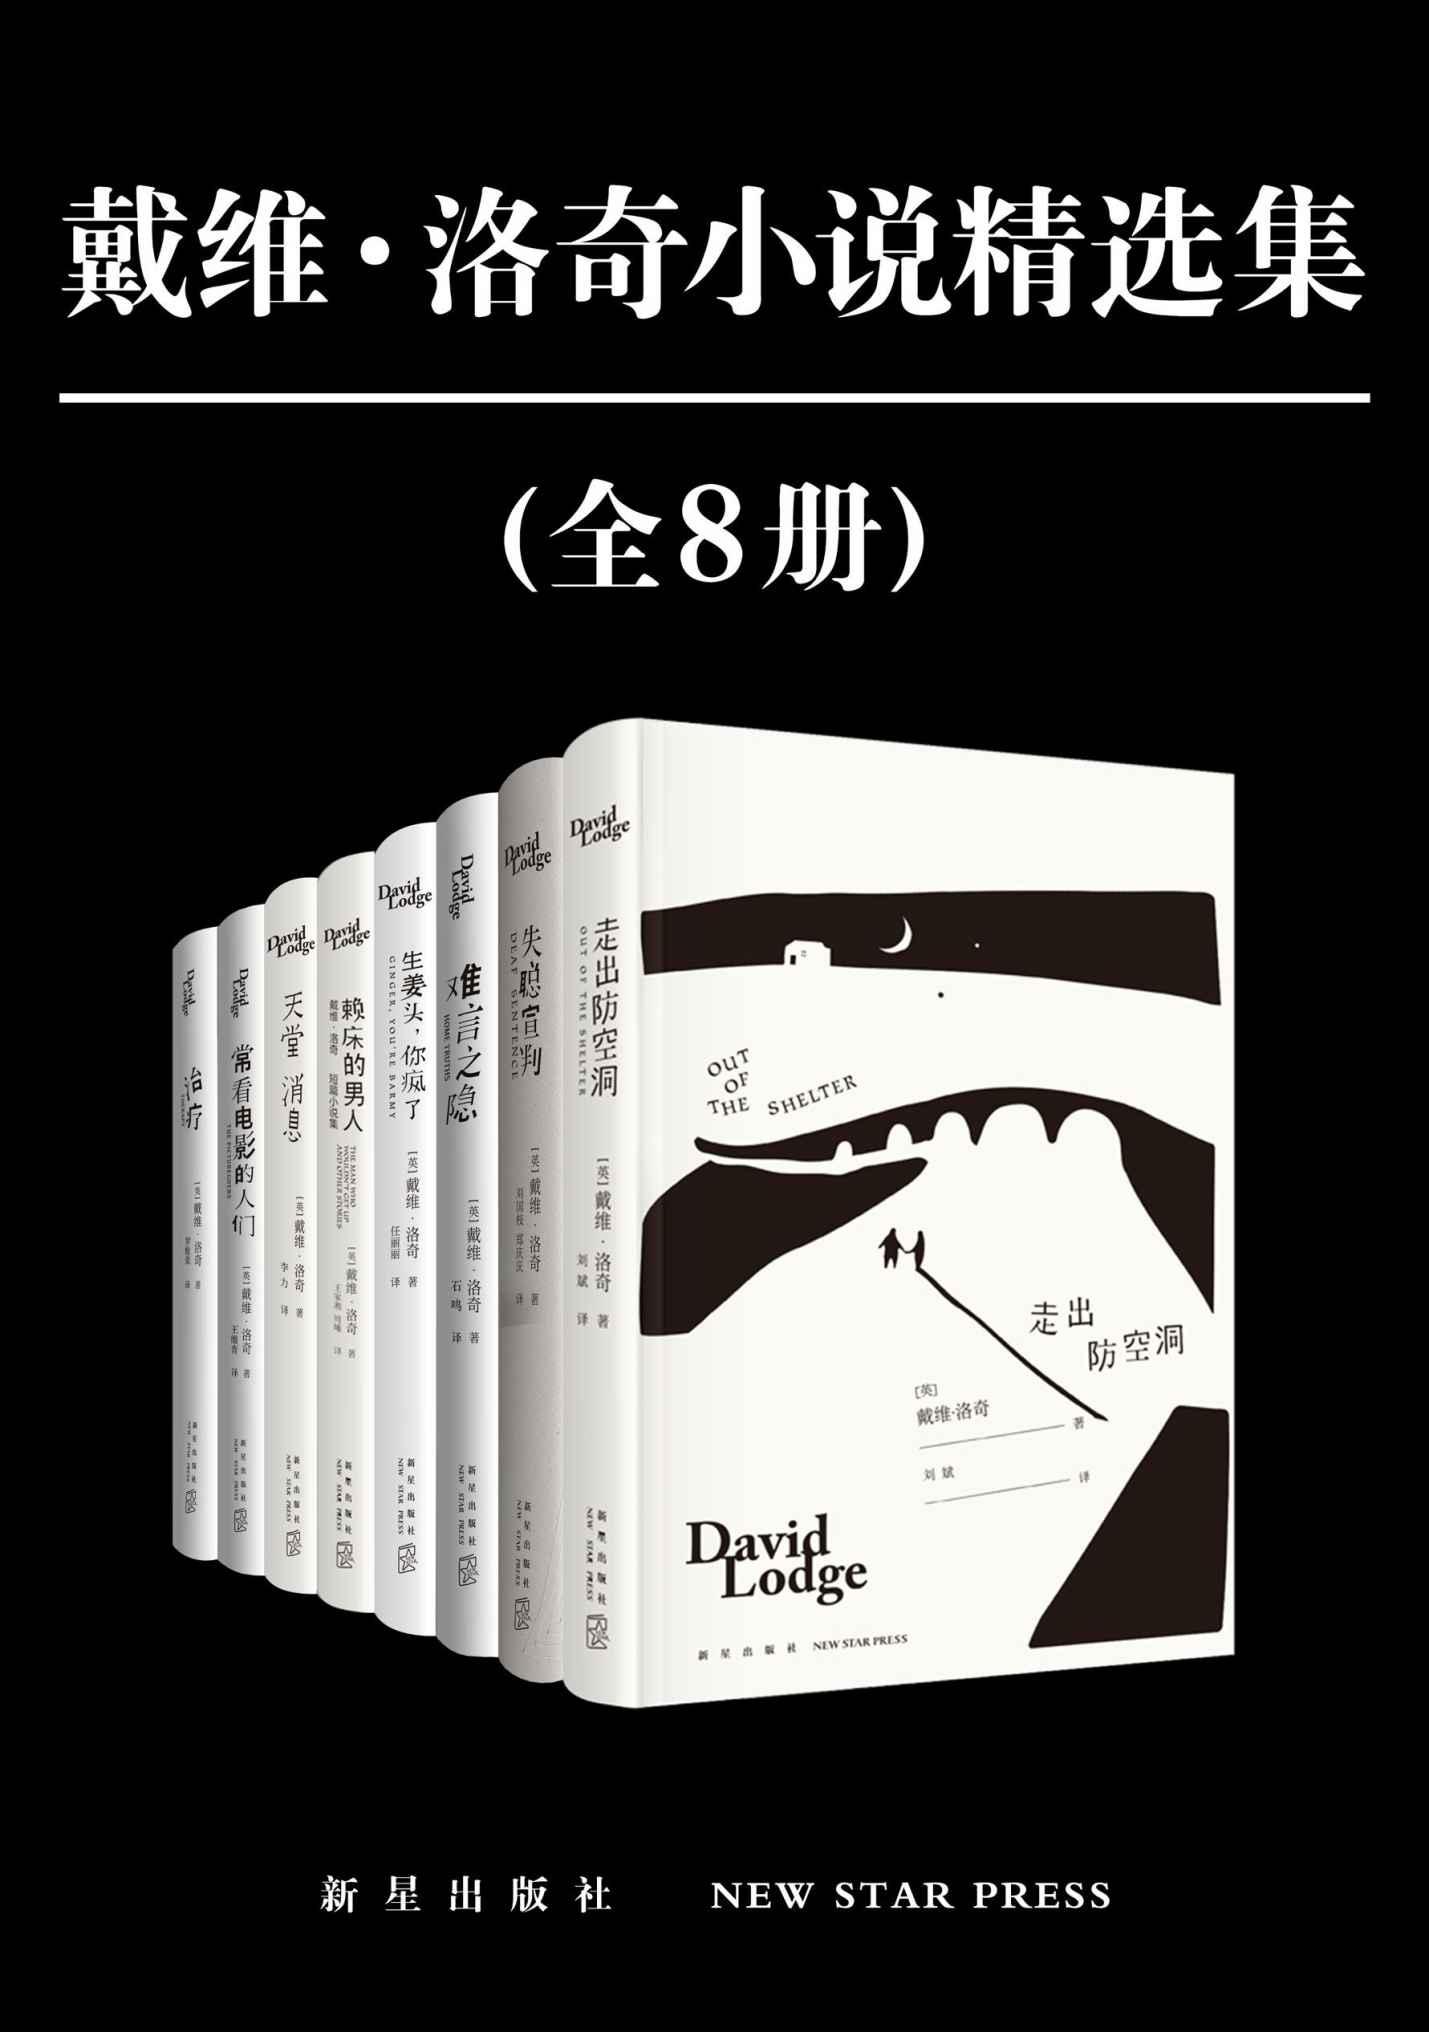 戴维·洛奇小说精选集(全8册—(英) 戴维·洛奇—pdf+mobi+epub+txt+azw3电子书下载